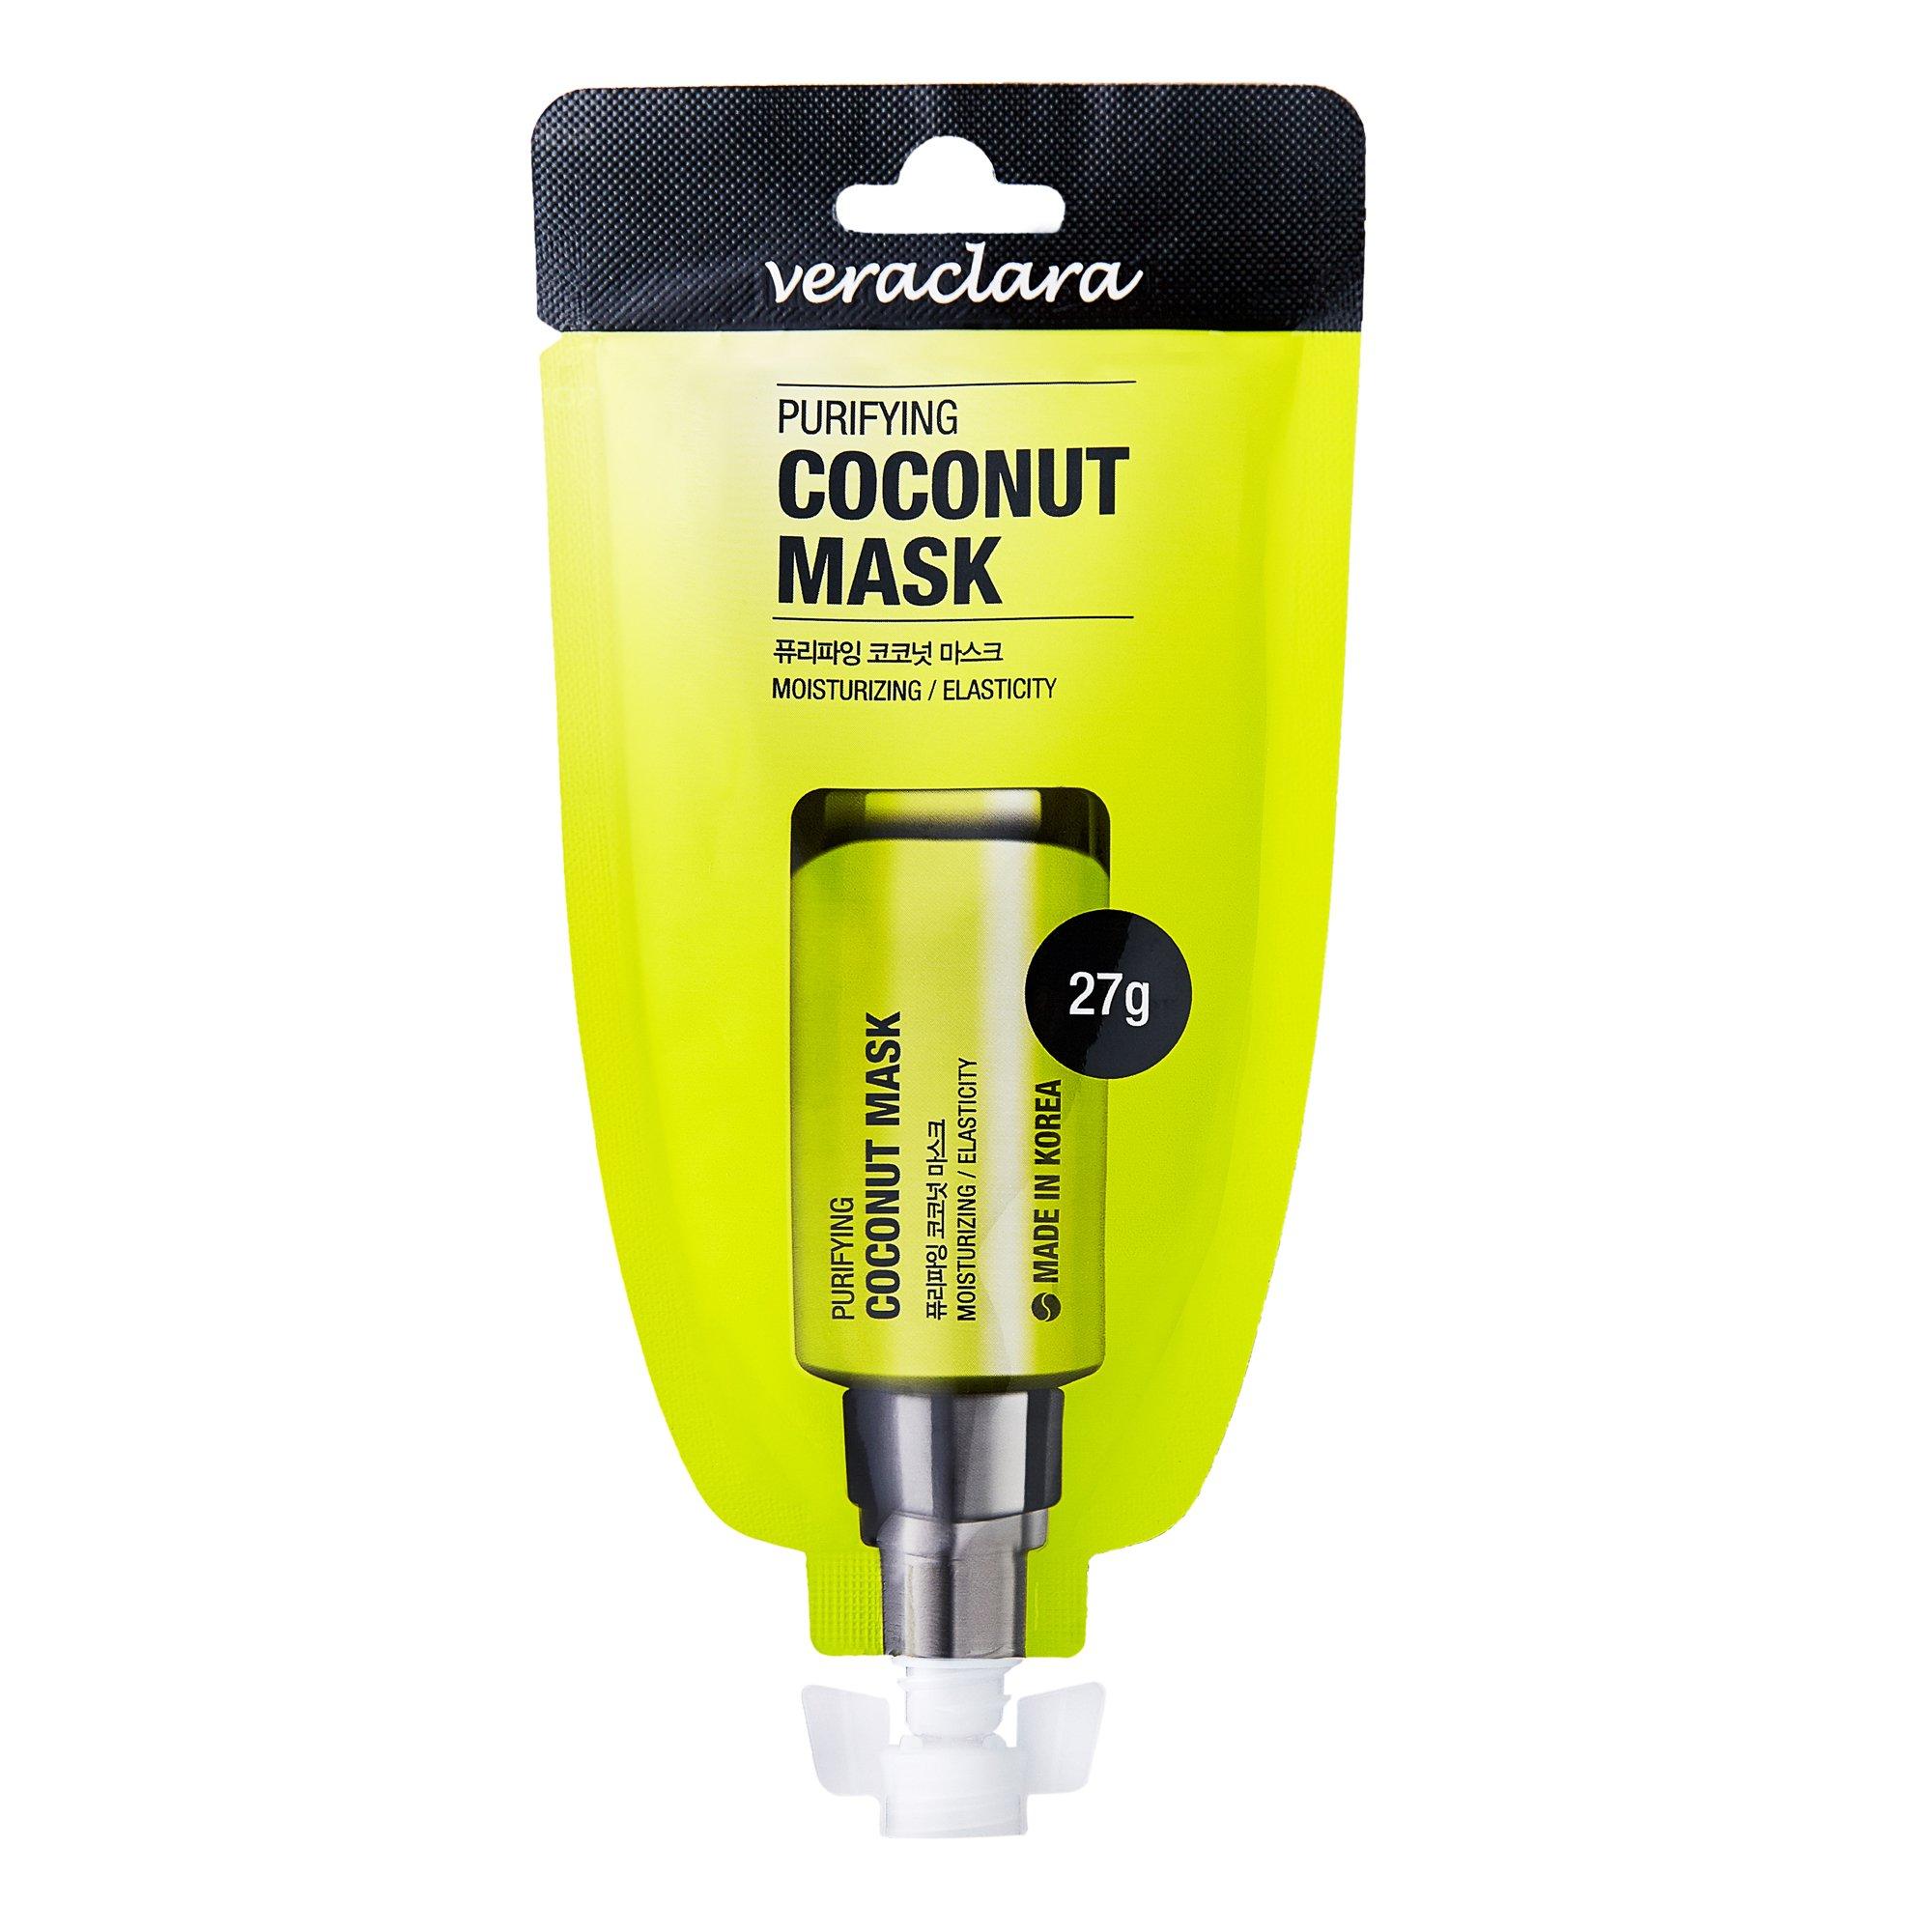 Маска для лица кокосовая очищающая Veraclara PURIFYING COCONUT MASK